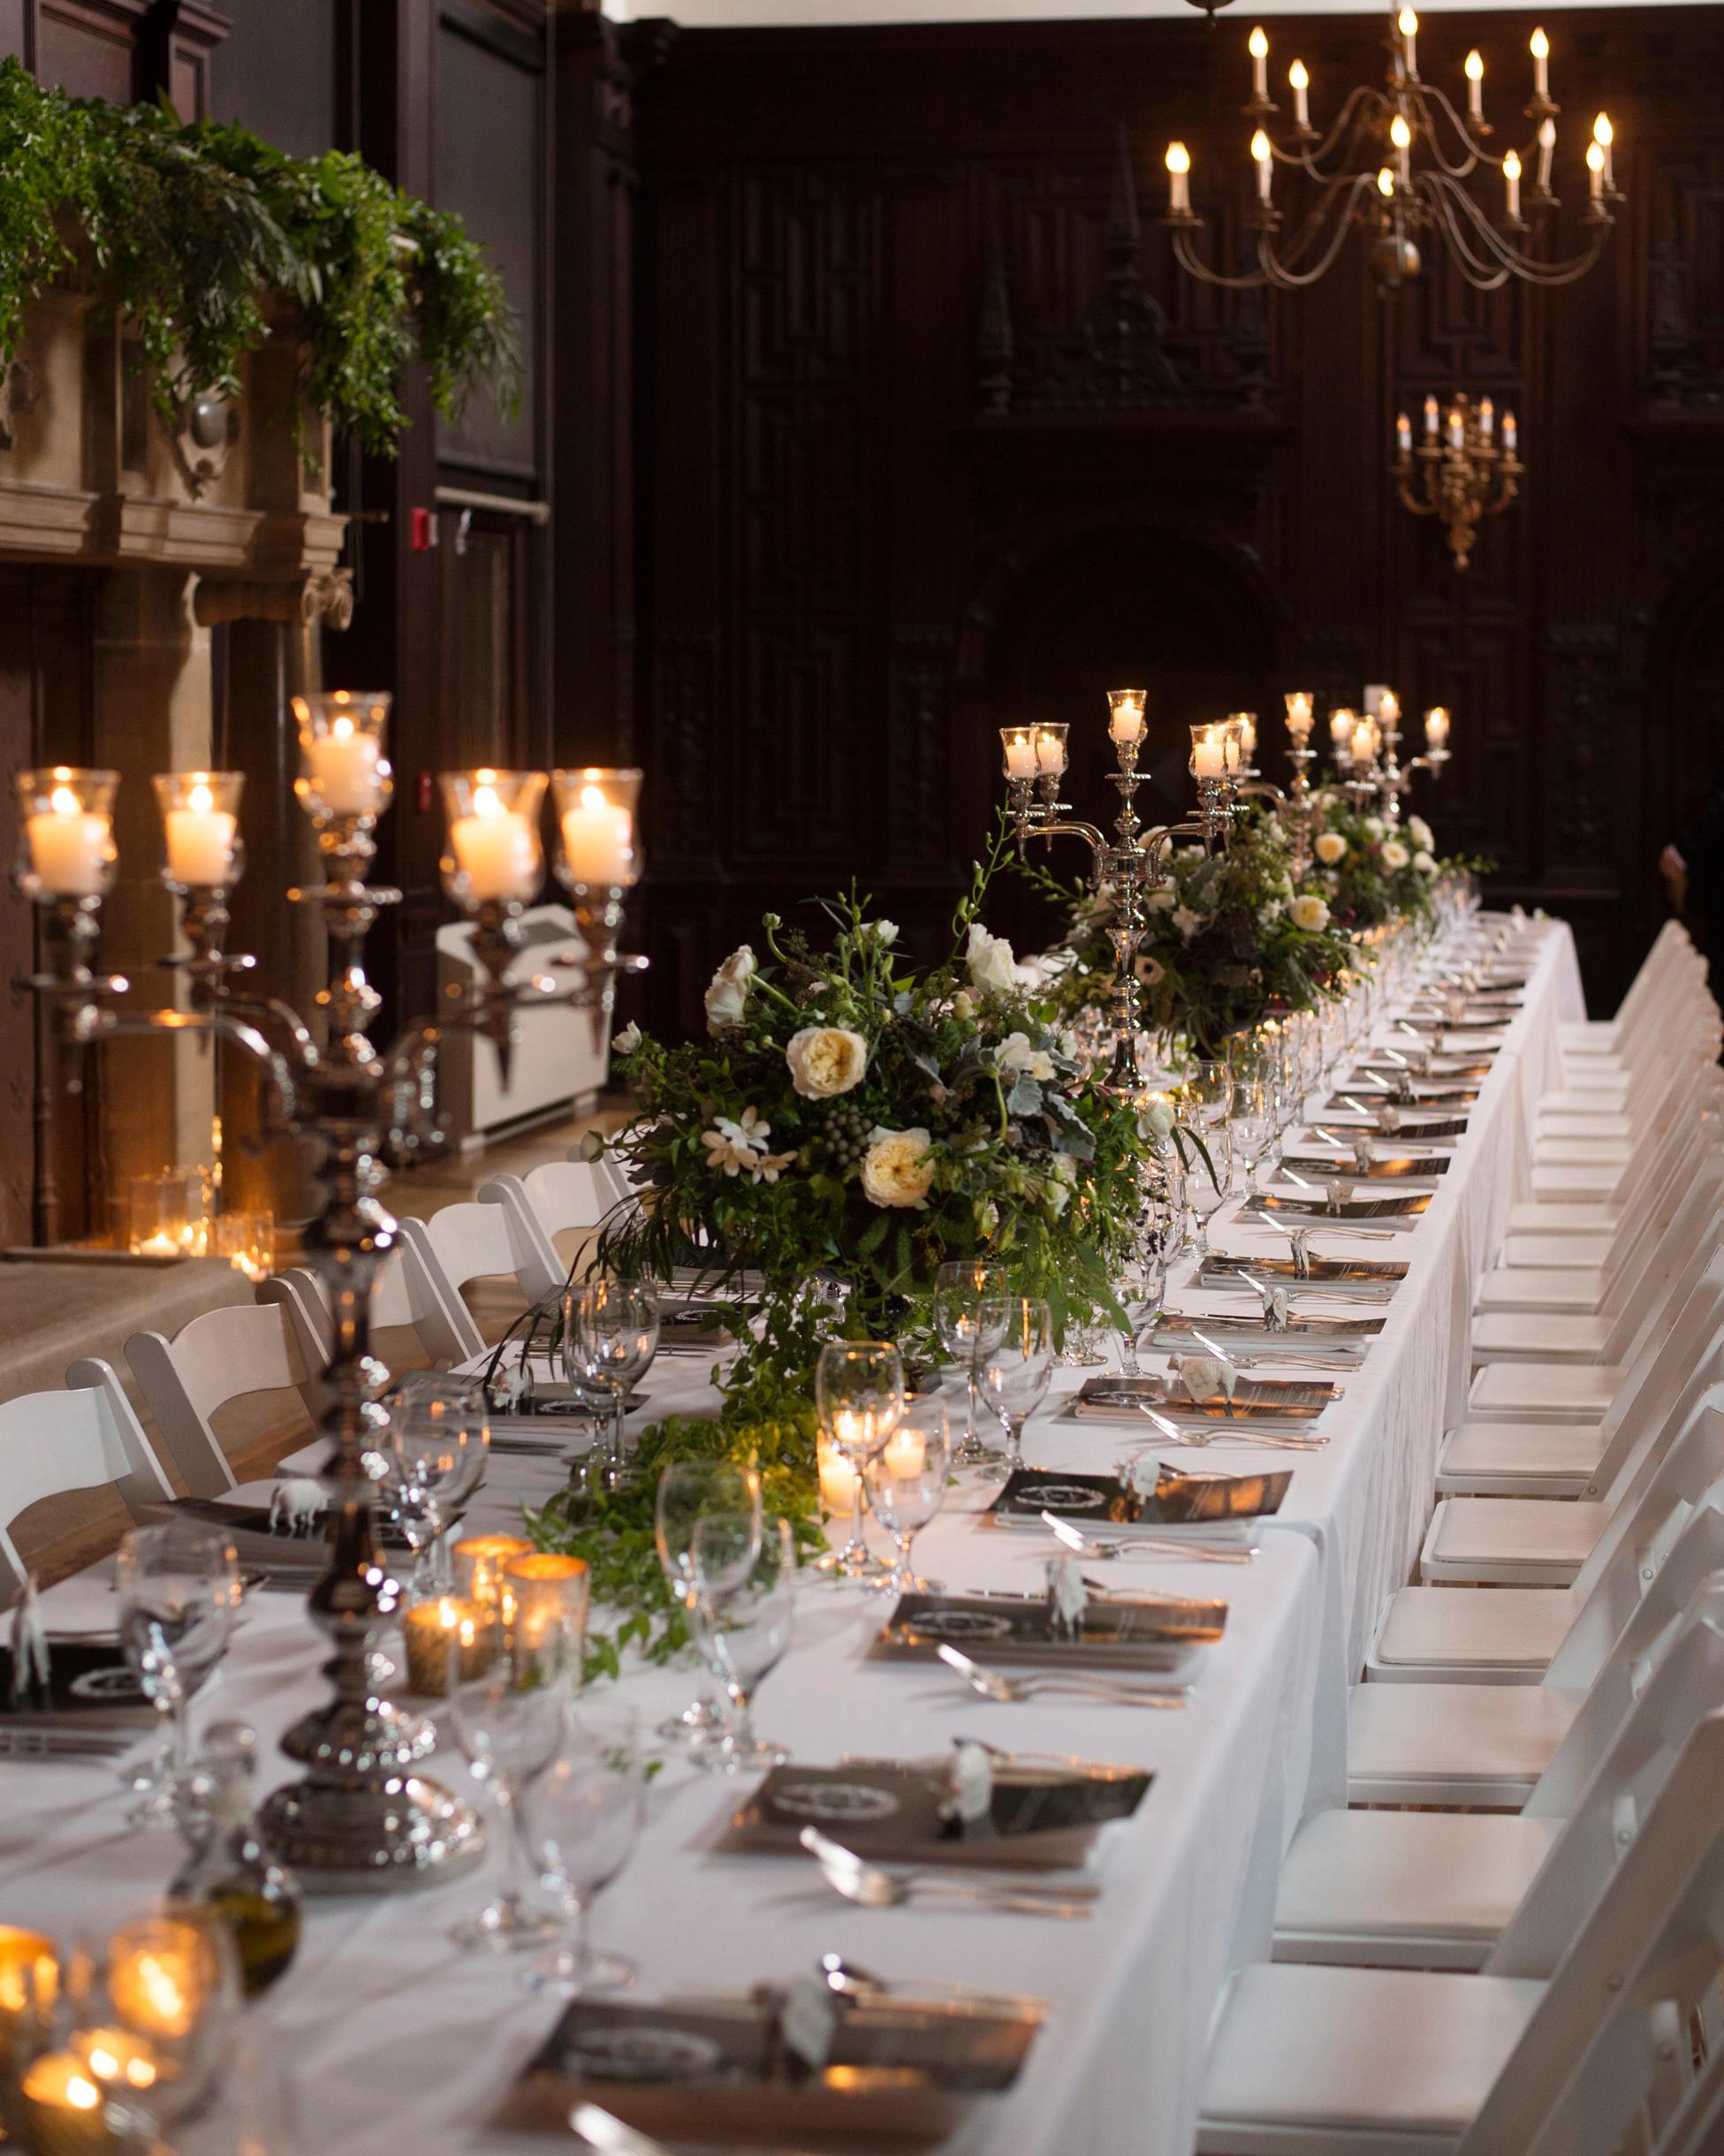 emily-tolga-wedding-table-0314.jpg